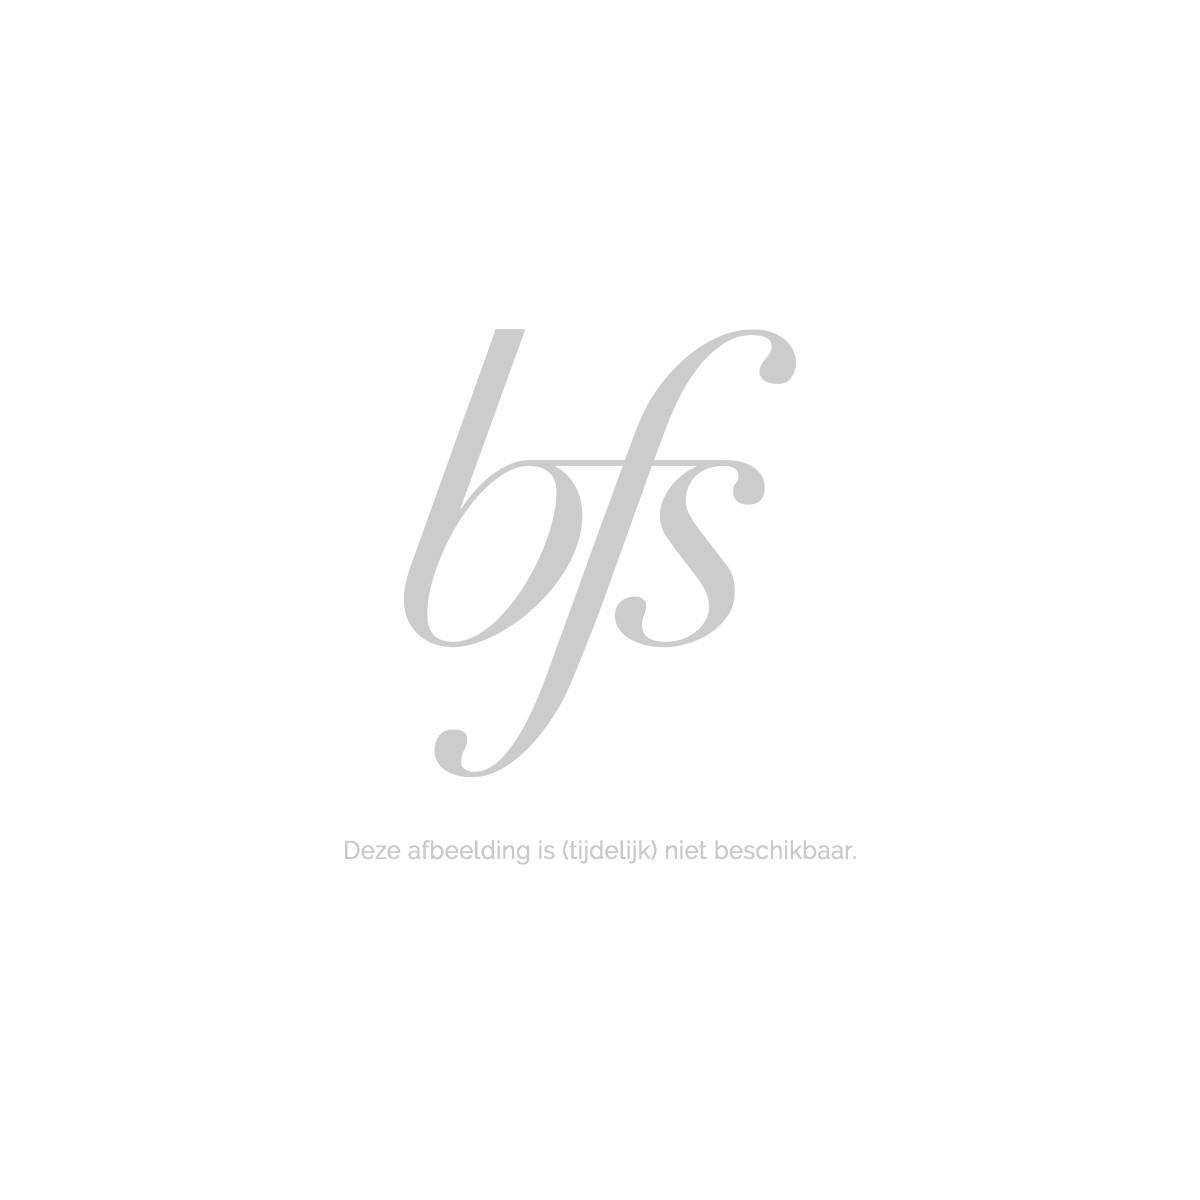 Yves Saint Laurent Mvefc The Curler Mascara #1 Rebellious Black 6,6 Ml